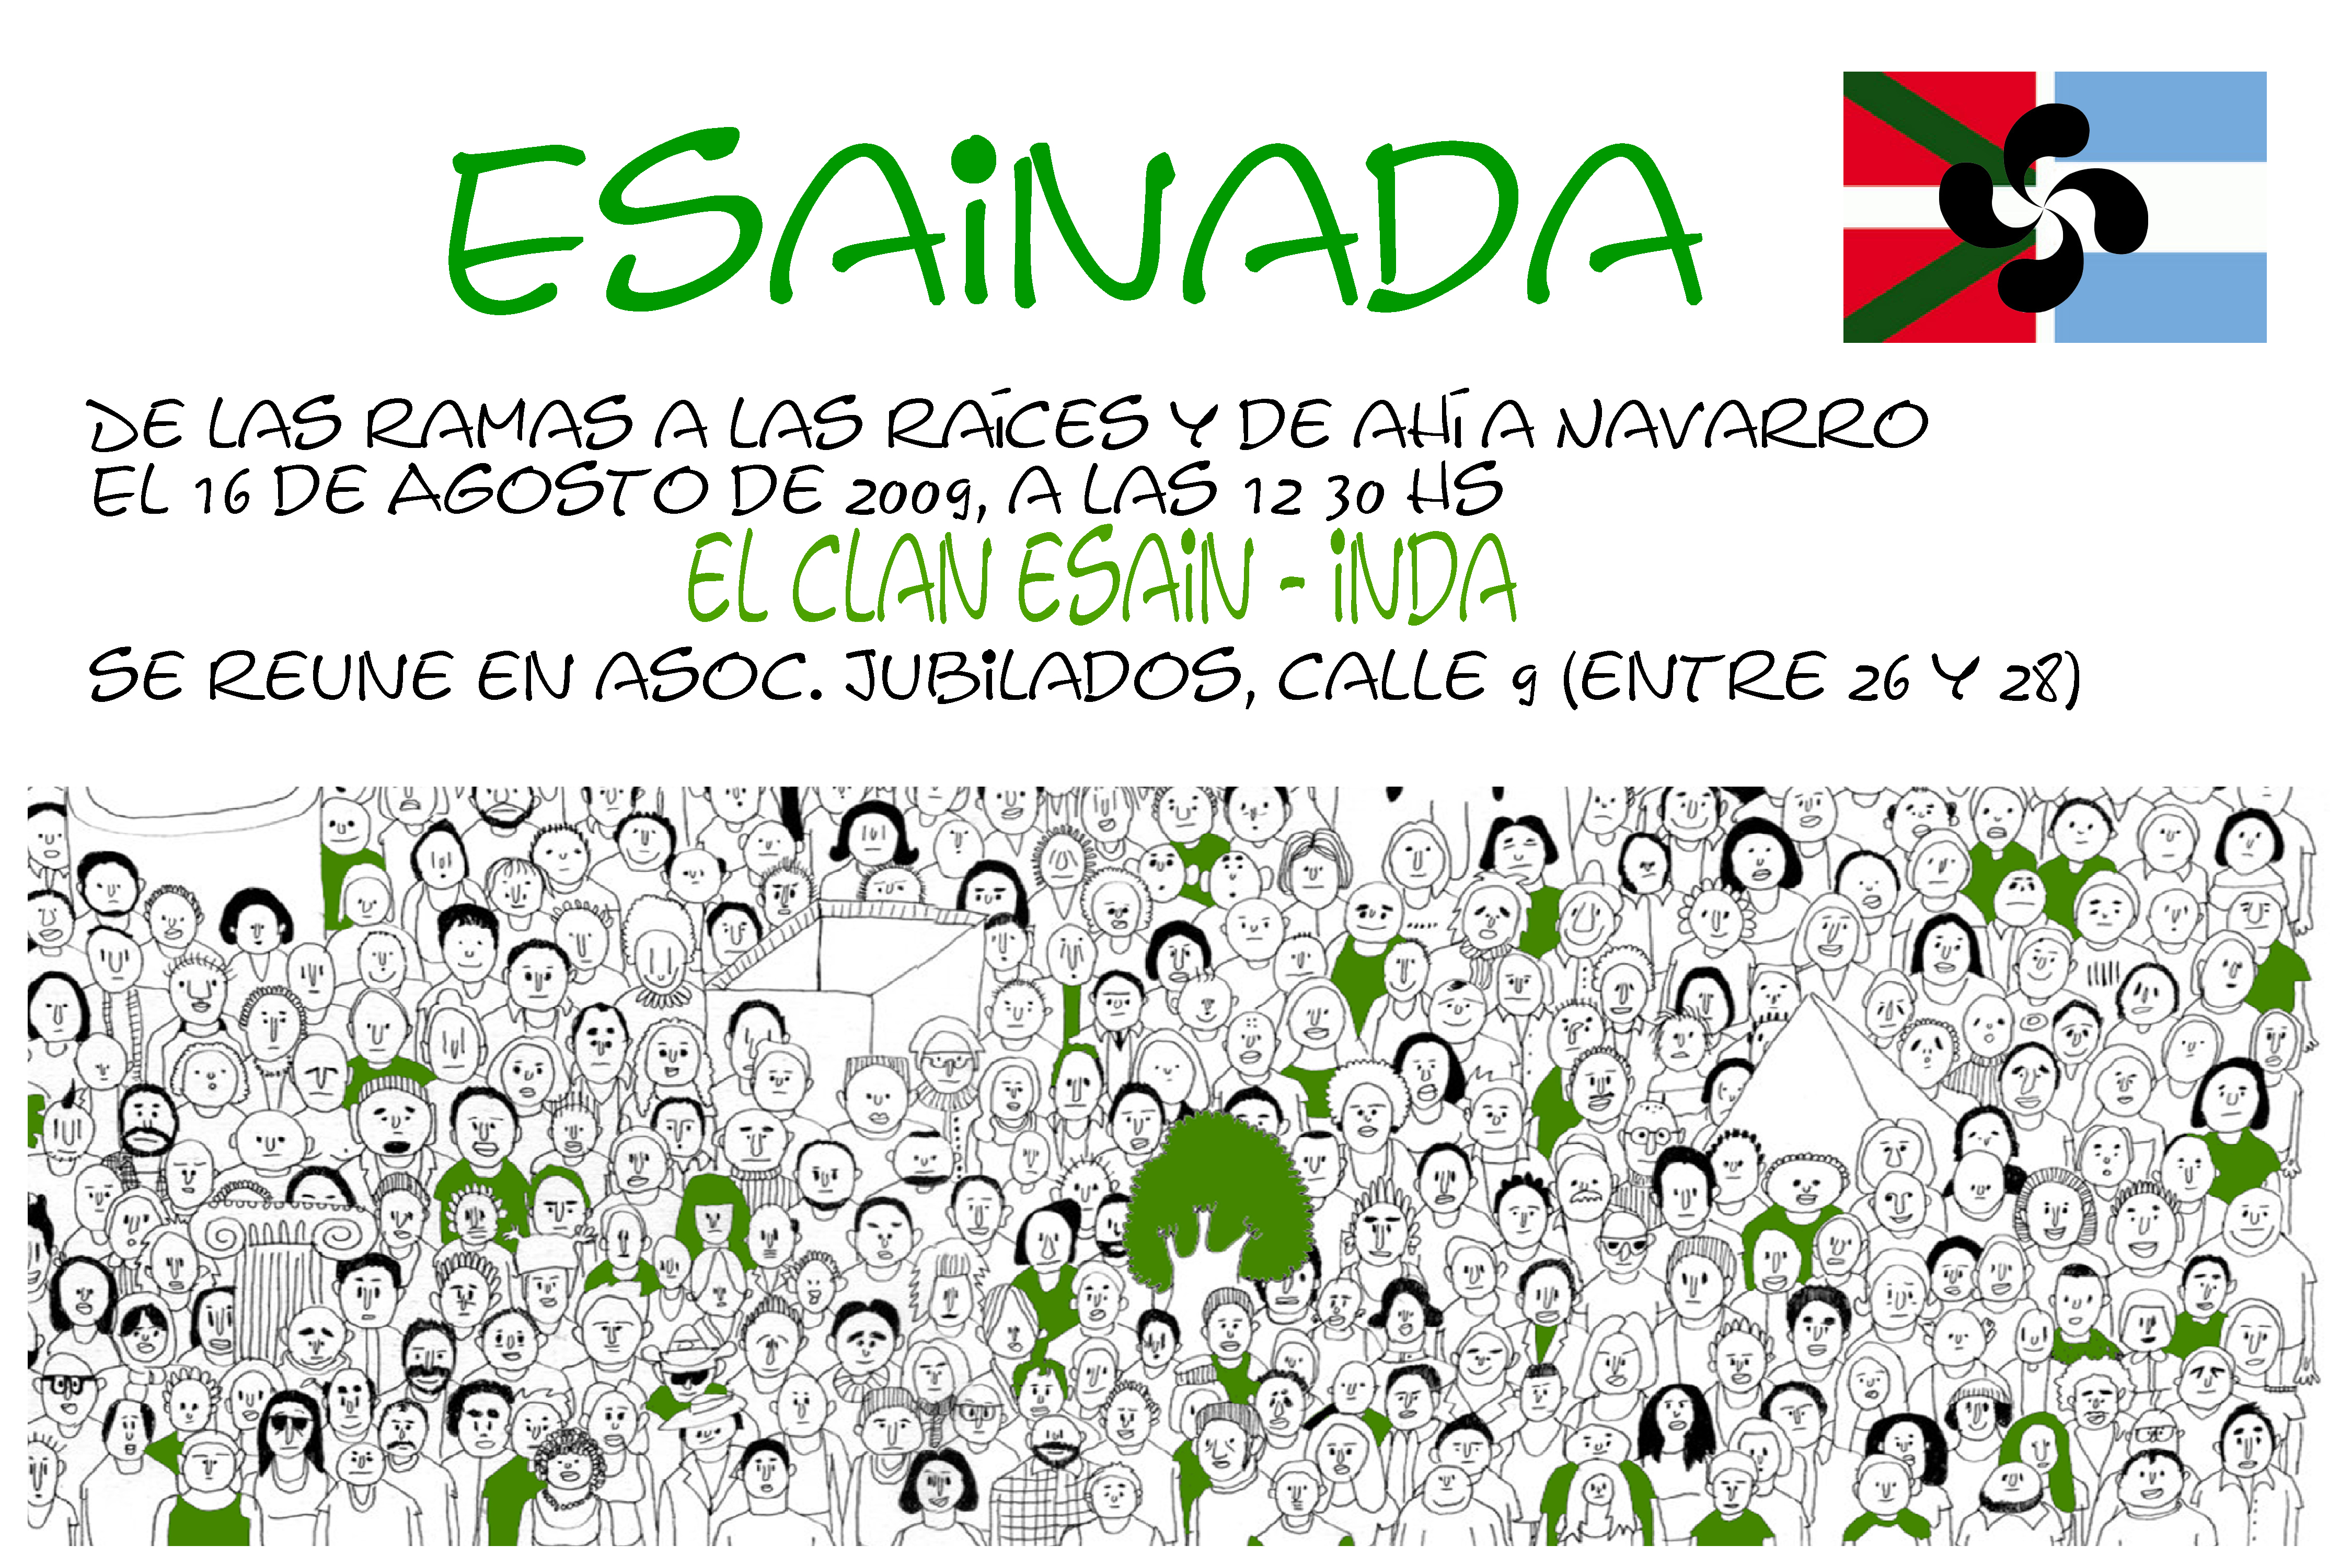 Esainada: Esain-Inda familiaren bilkura Argentinan